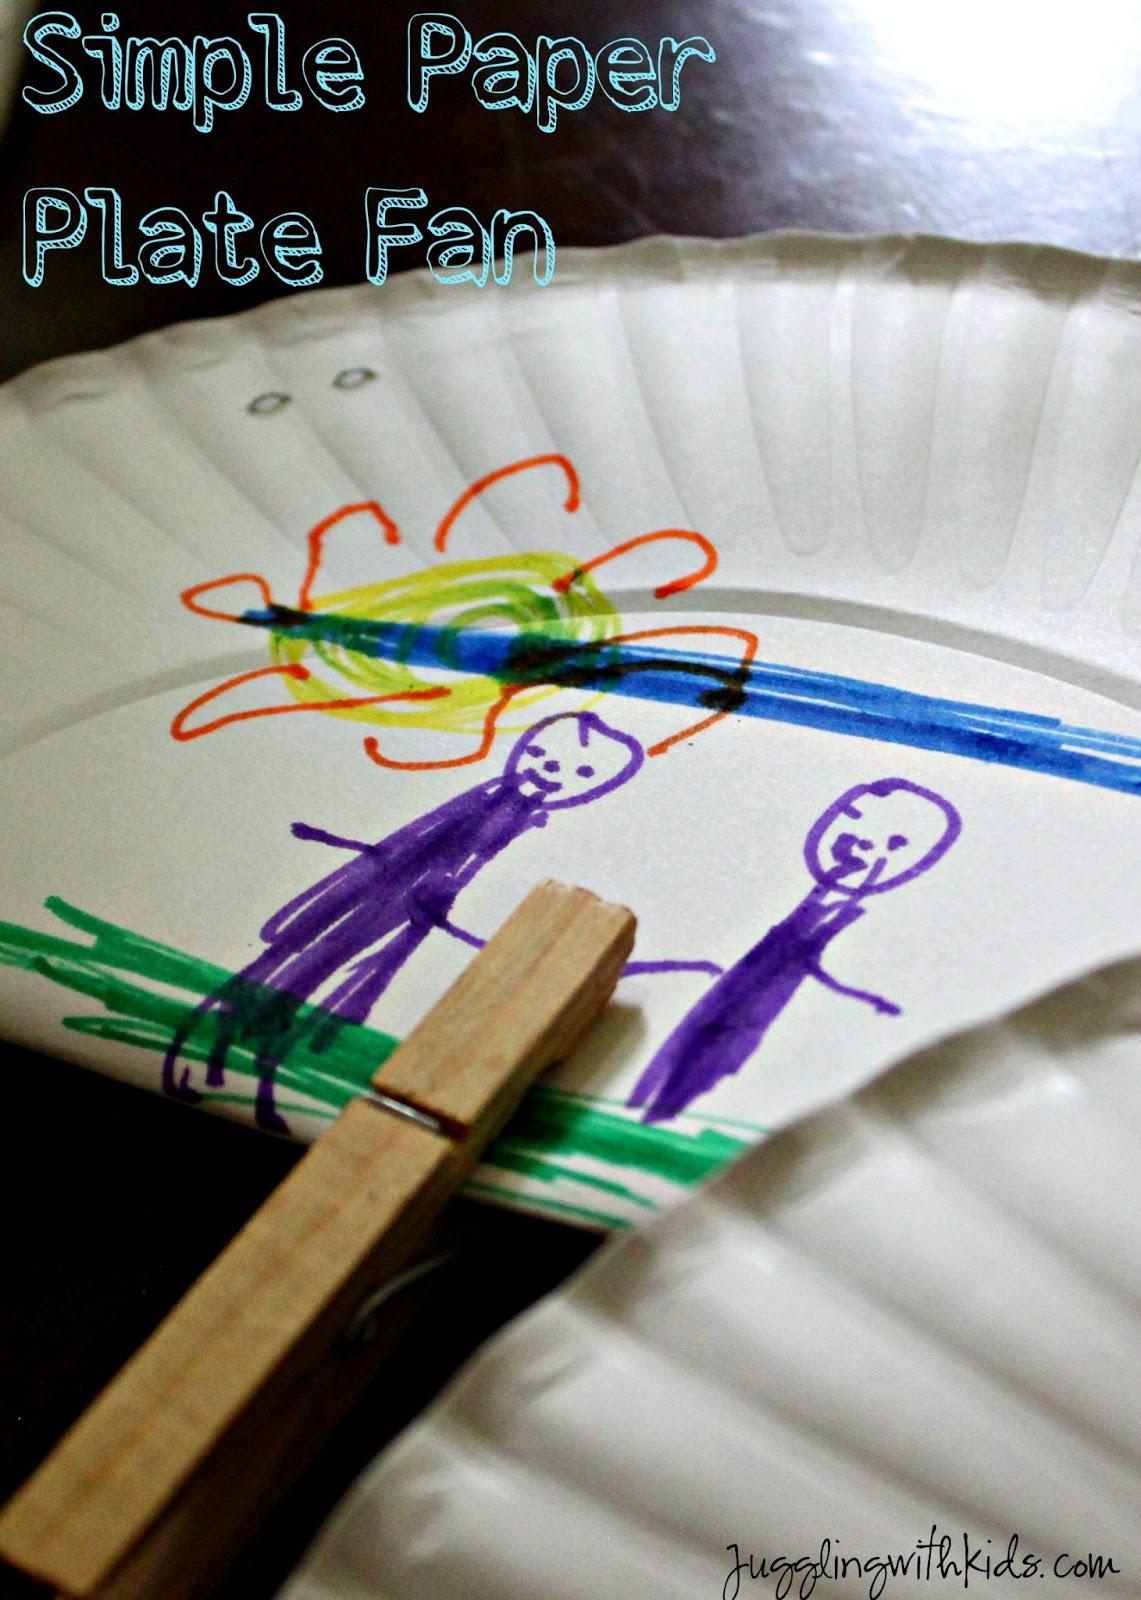 & Simple Paper Plate Fan \u2013 Juggling With Kids